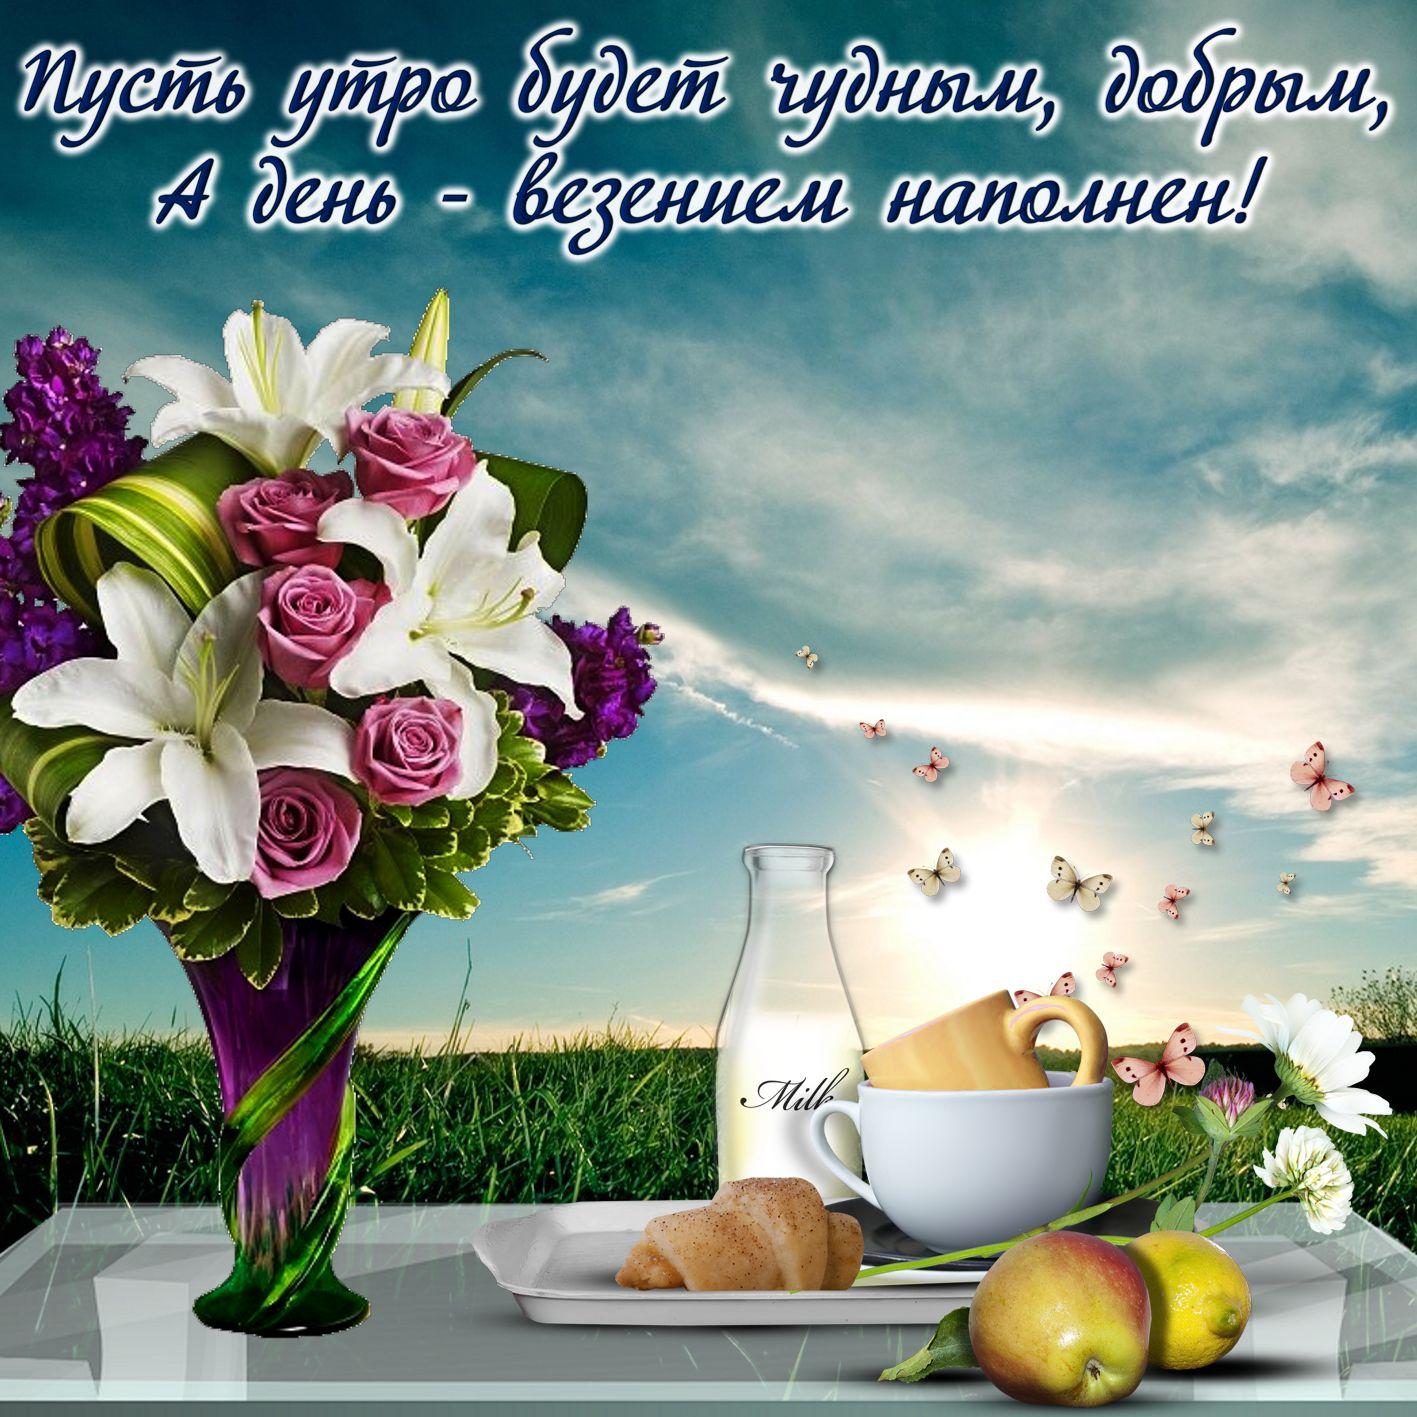 Чудесного утра и прекрасного дня открытки, днем рождения дочери